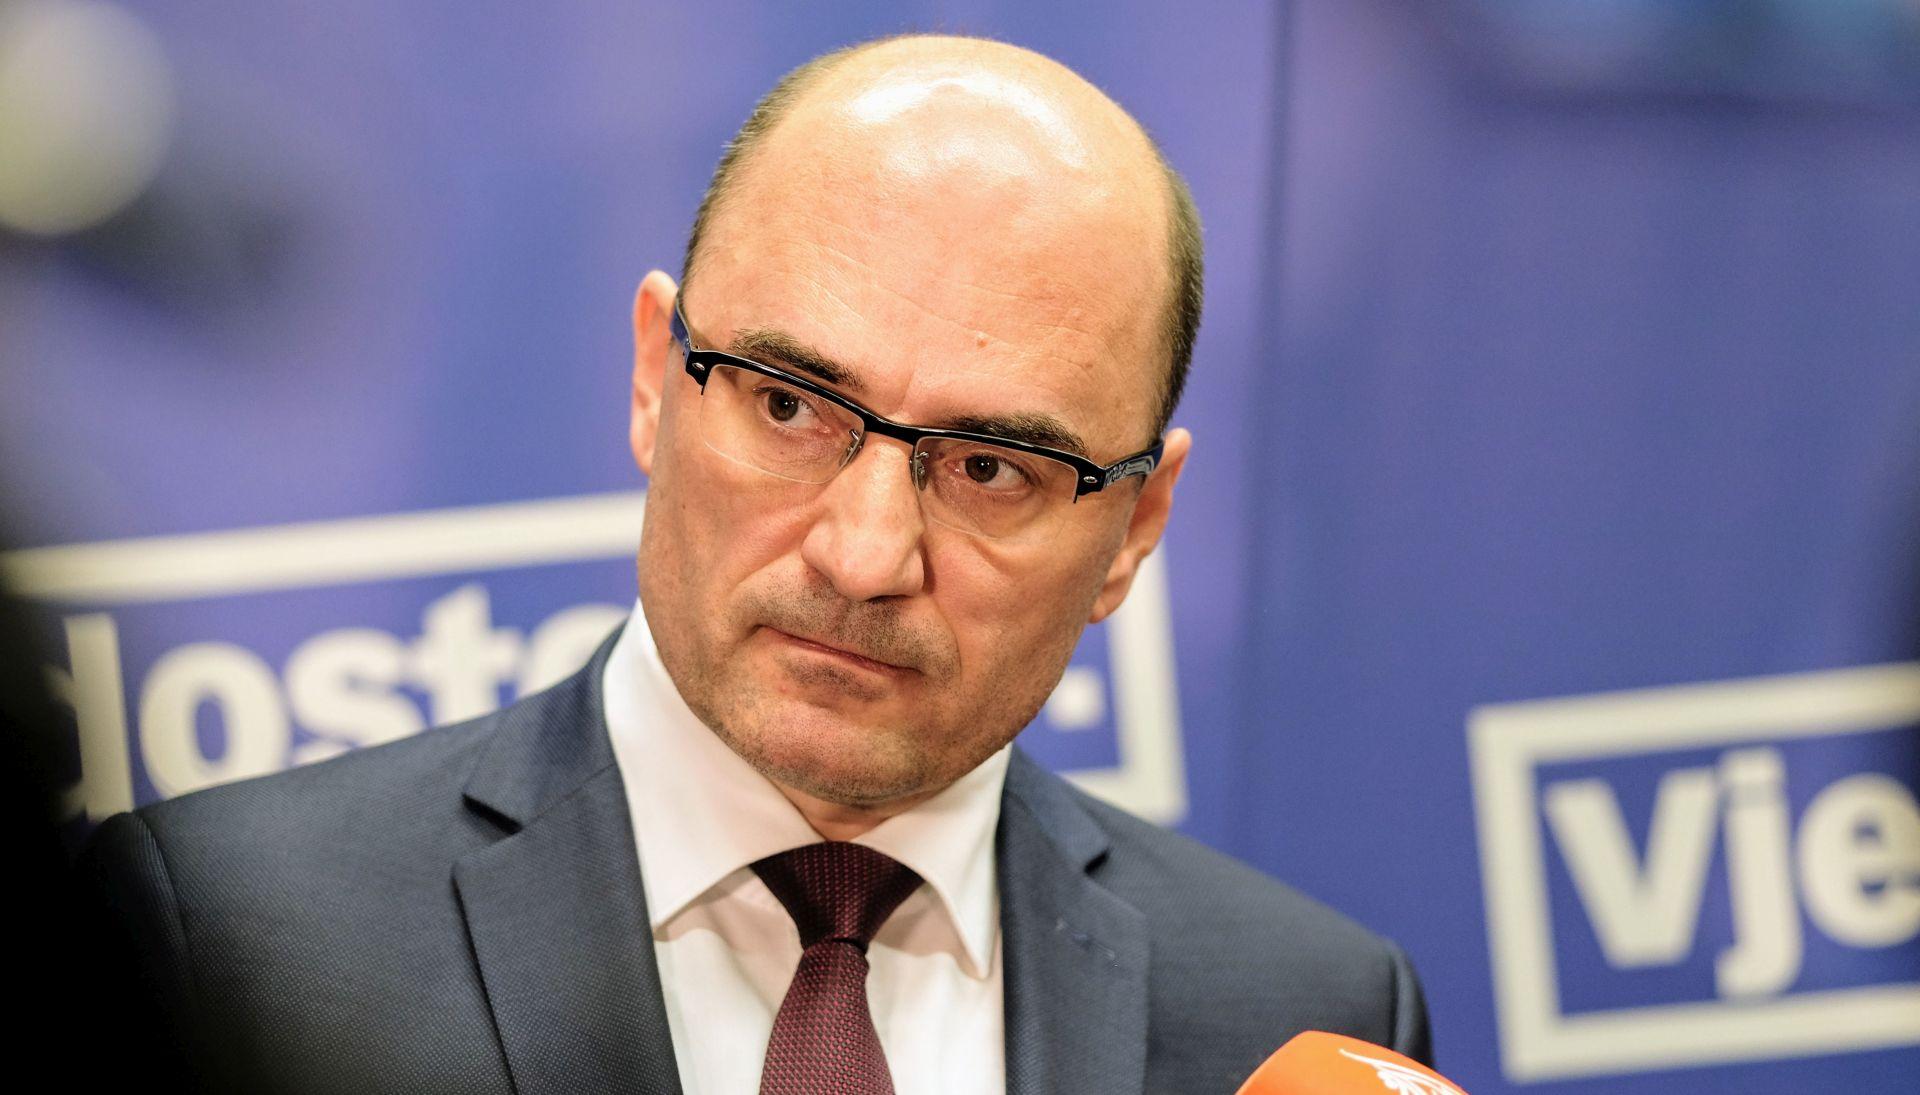 AFL osudio Brkićevu izjavu kako Pupovac i manjine neće određivati Vladu